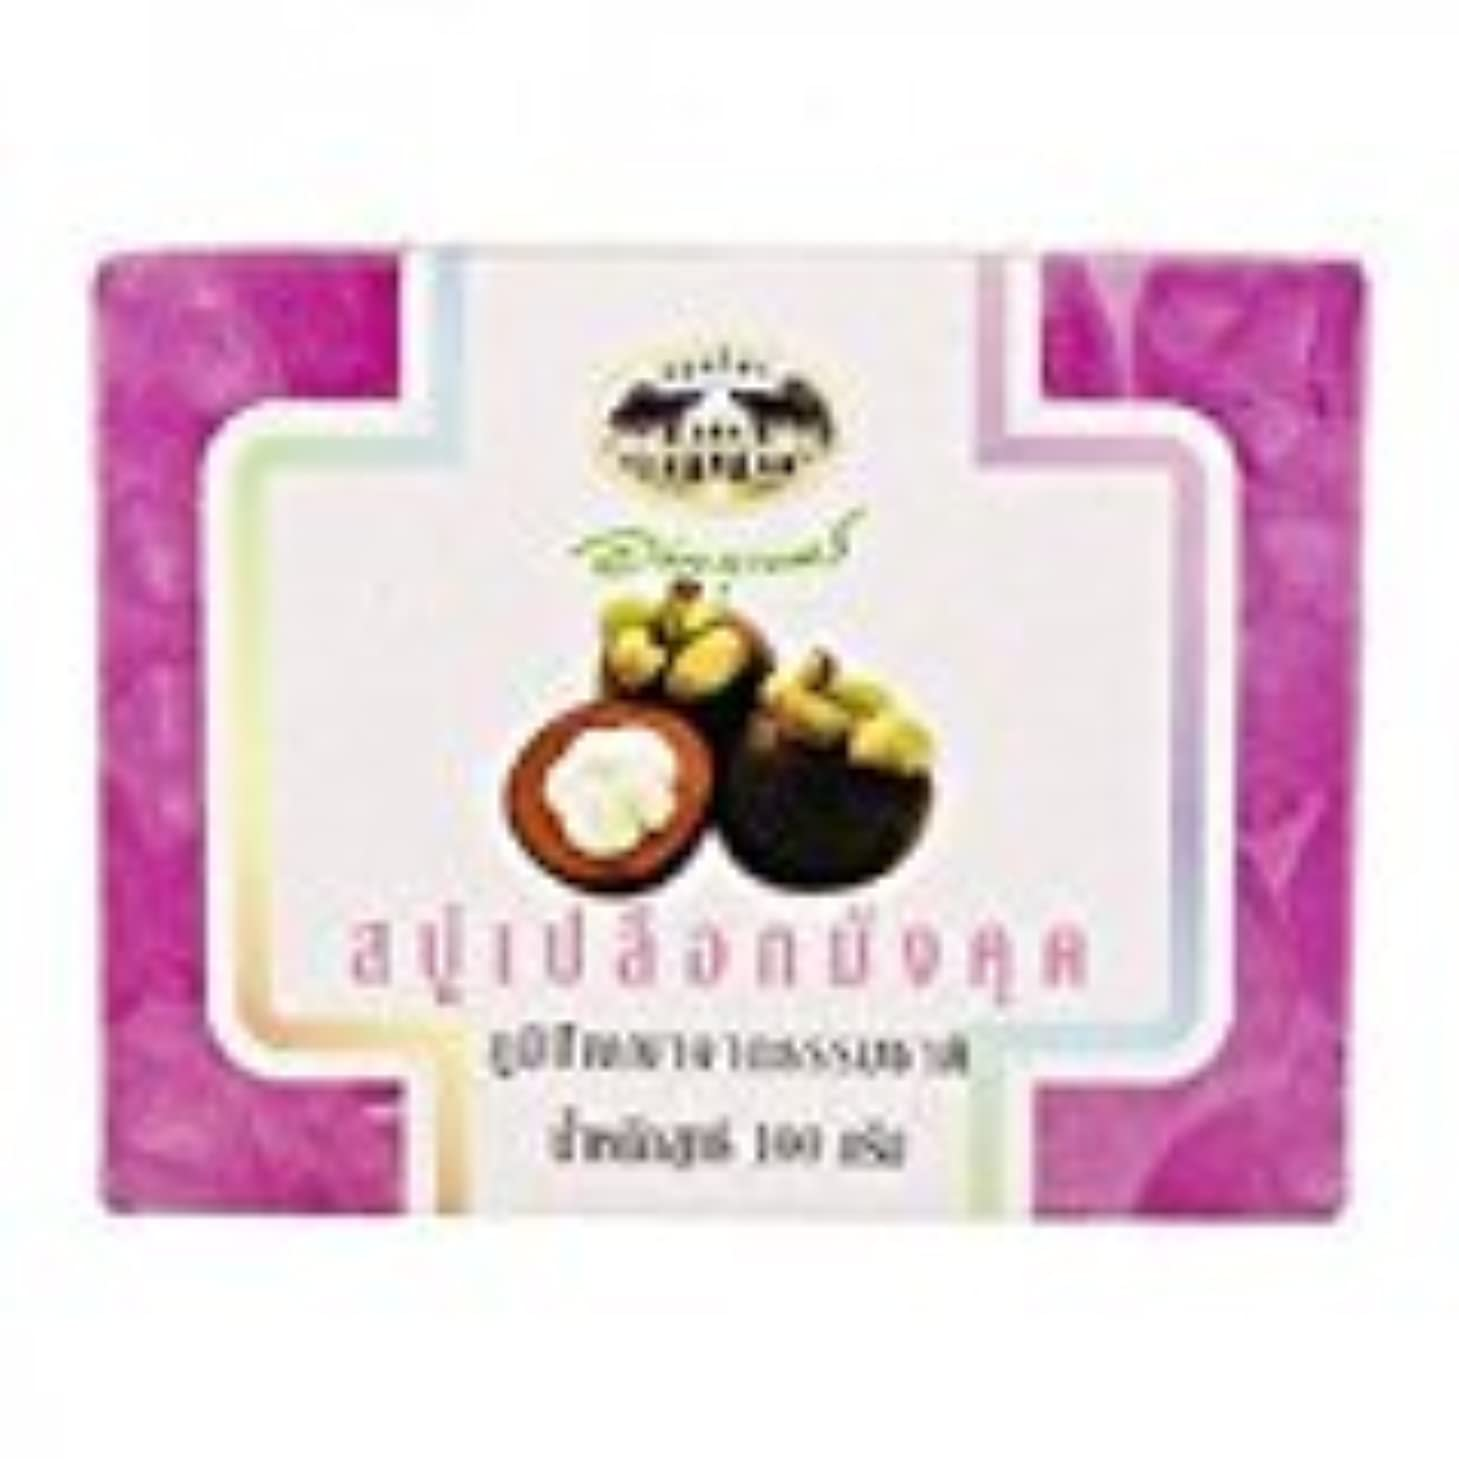 形援助するバーストマンゴスチン石鹸 abhaibhubejhr Mangosteen Peel Soap 100g 1個